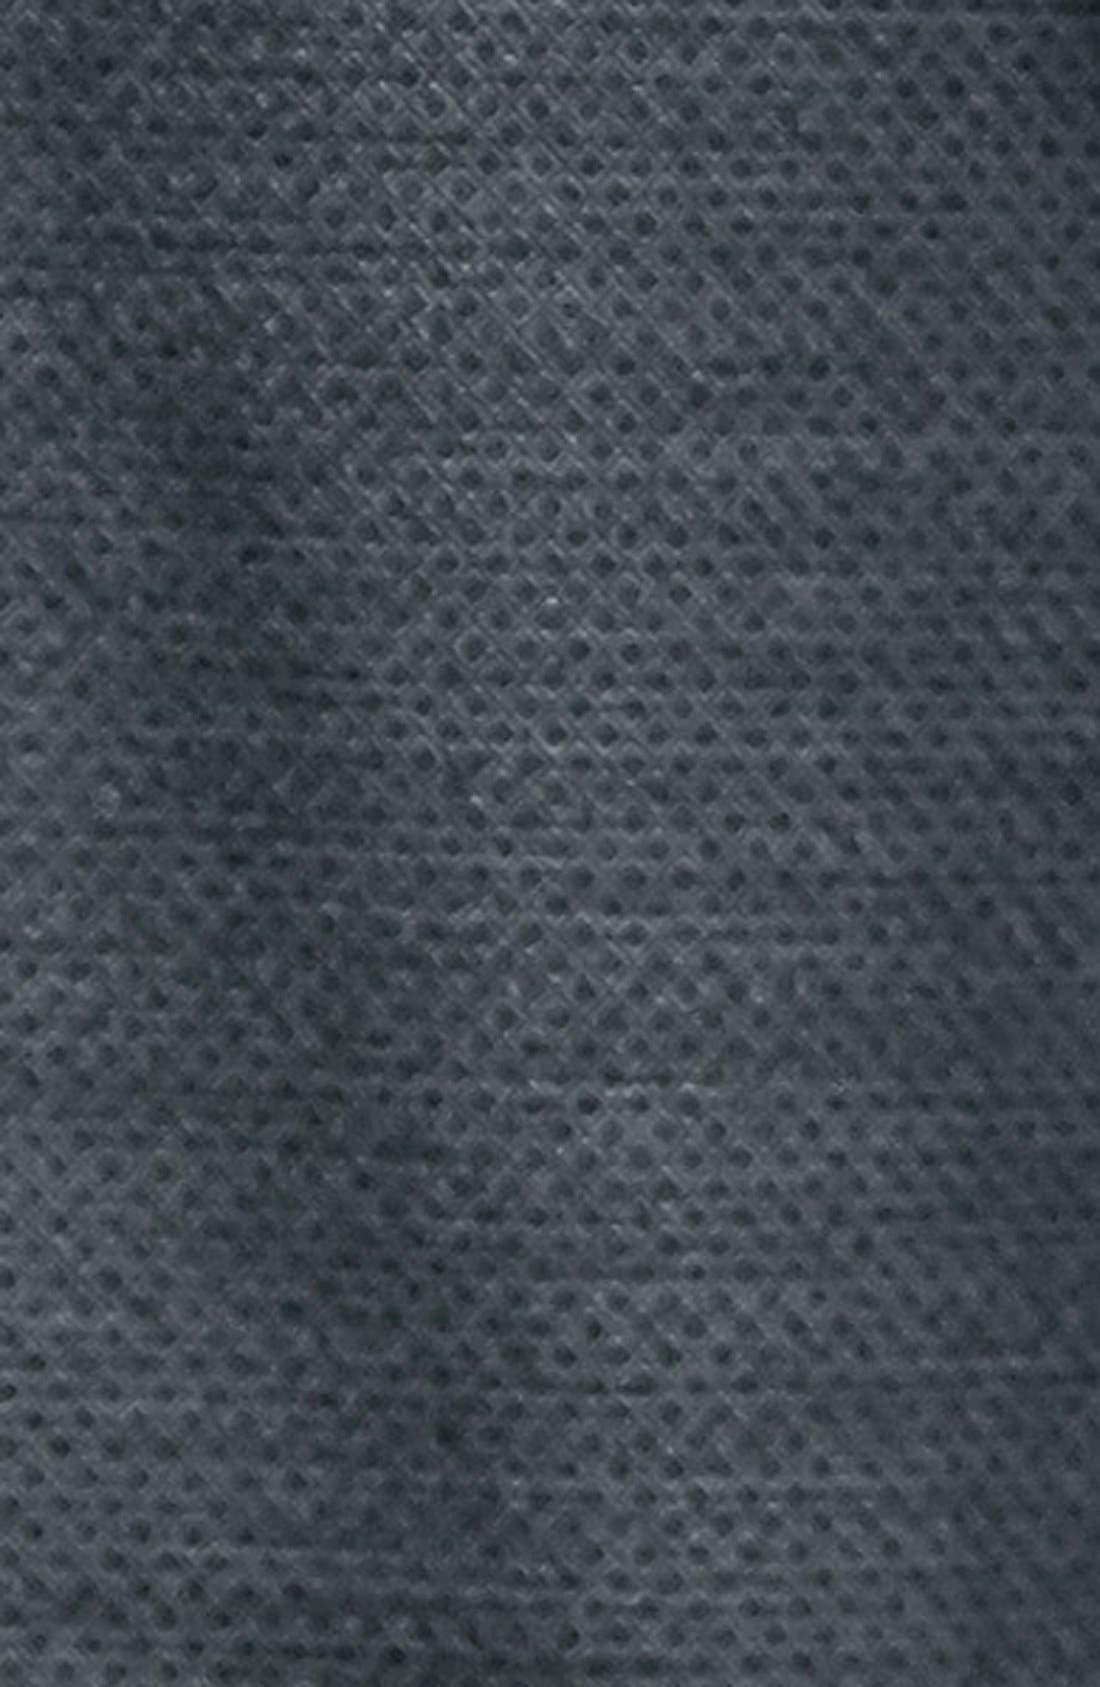 TOPMAN, Slim Fit Grey Diamond Texture Suit Jacket, Alternate thumbnail 6, color, 020